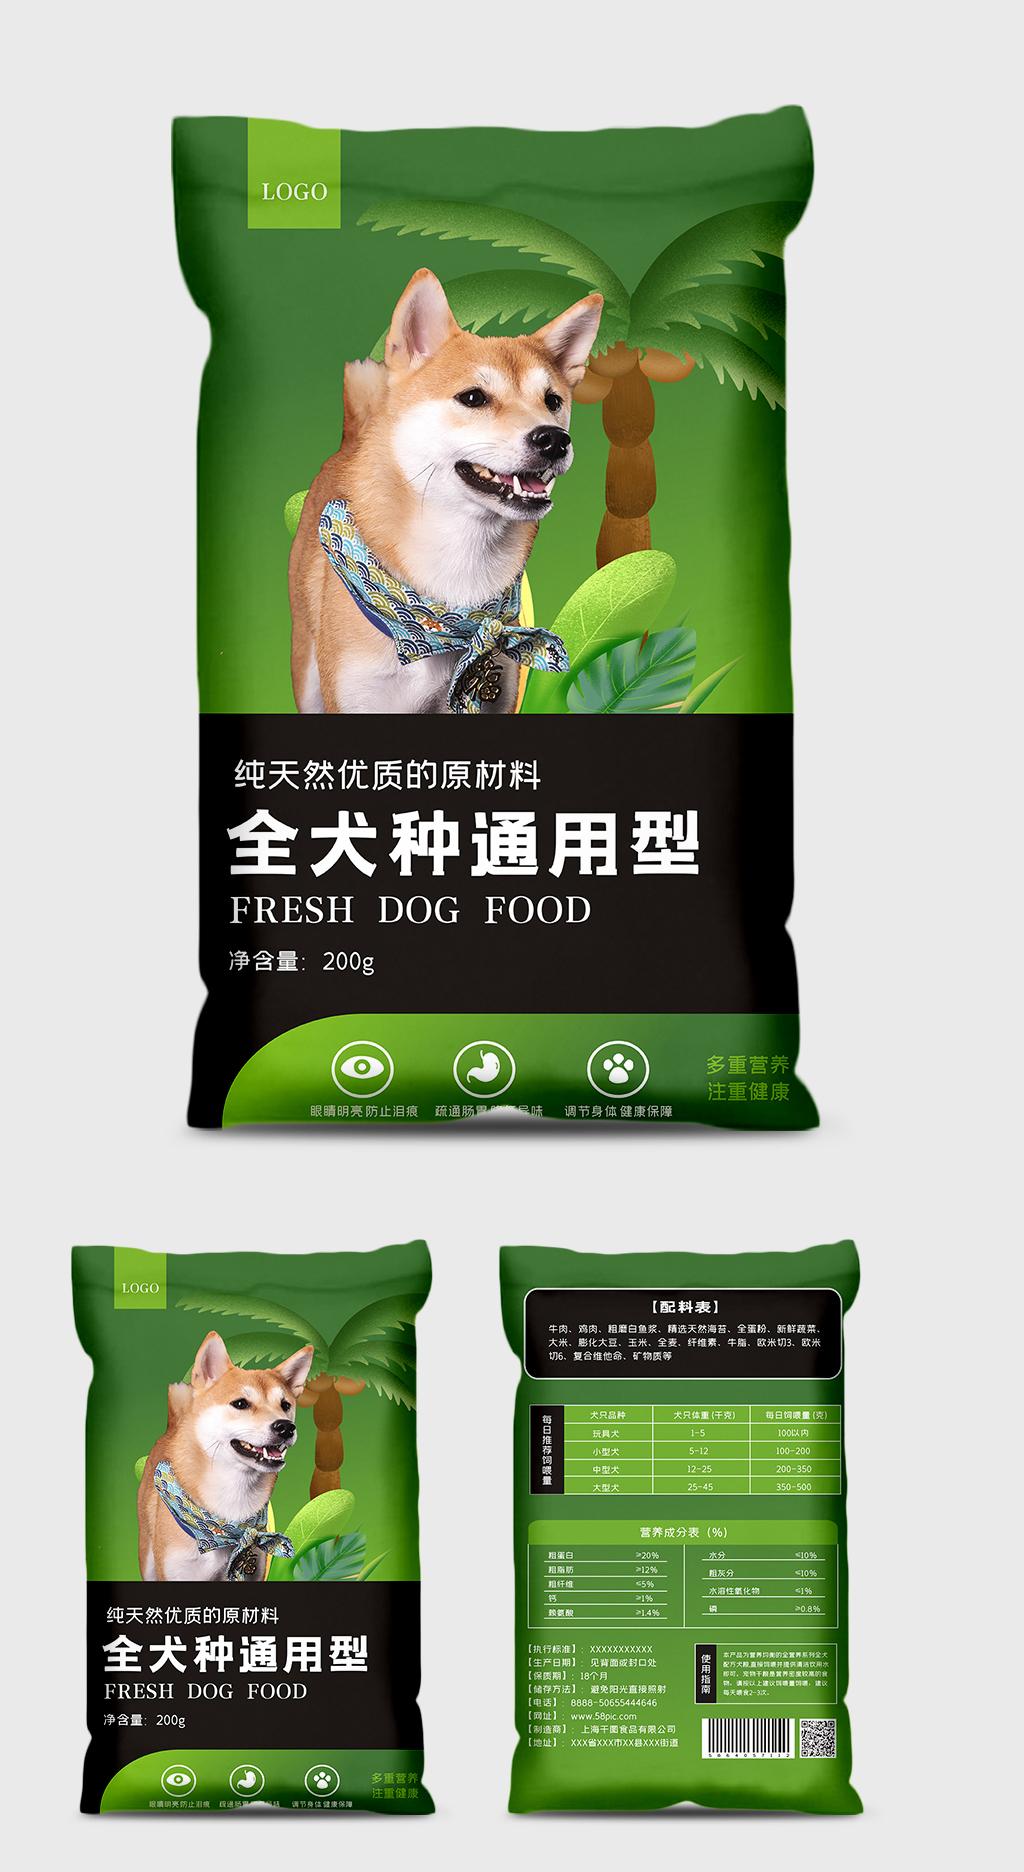 卡通创意狗粮宠物粮食包装设计源文件插图